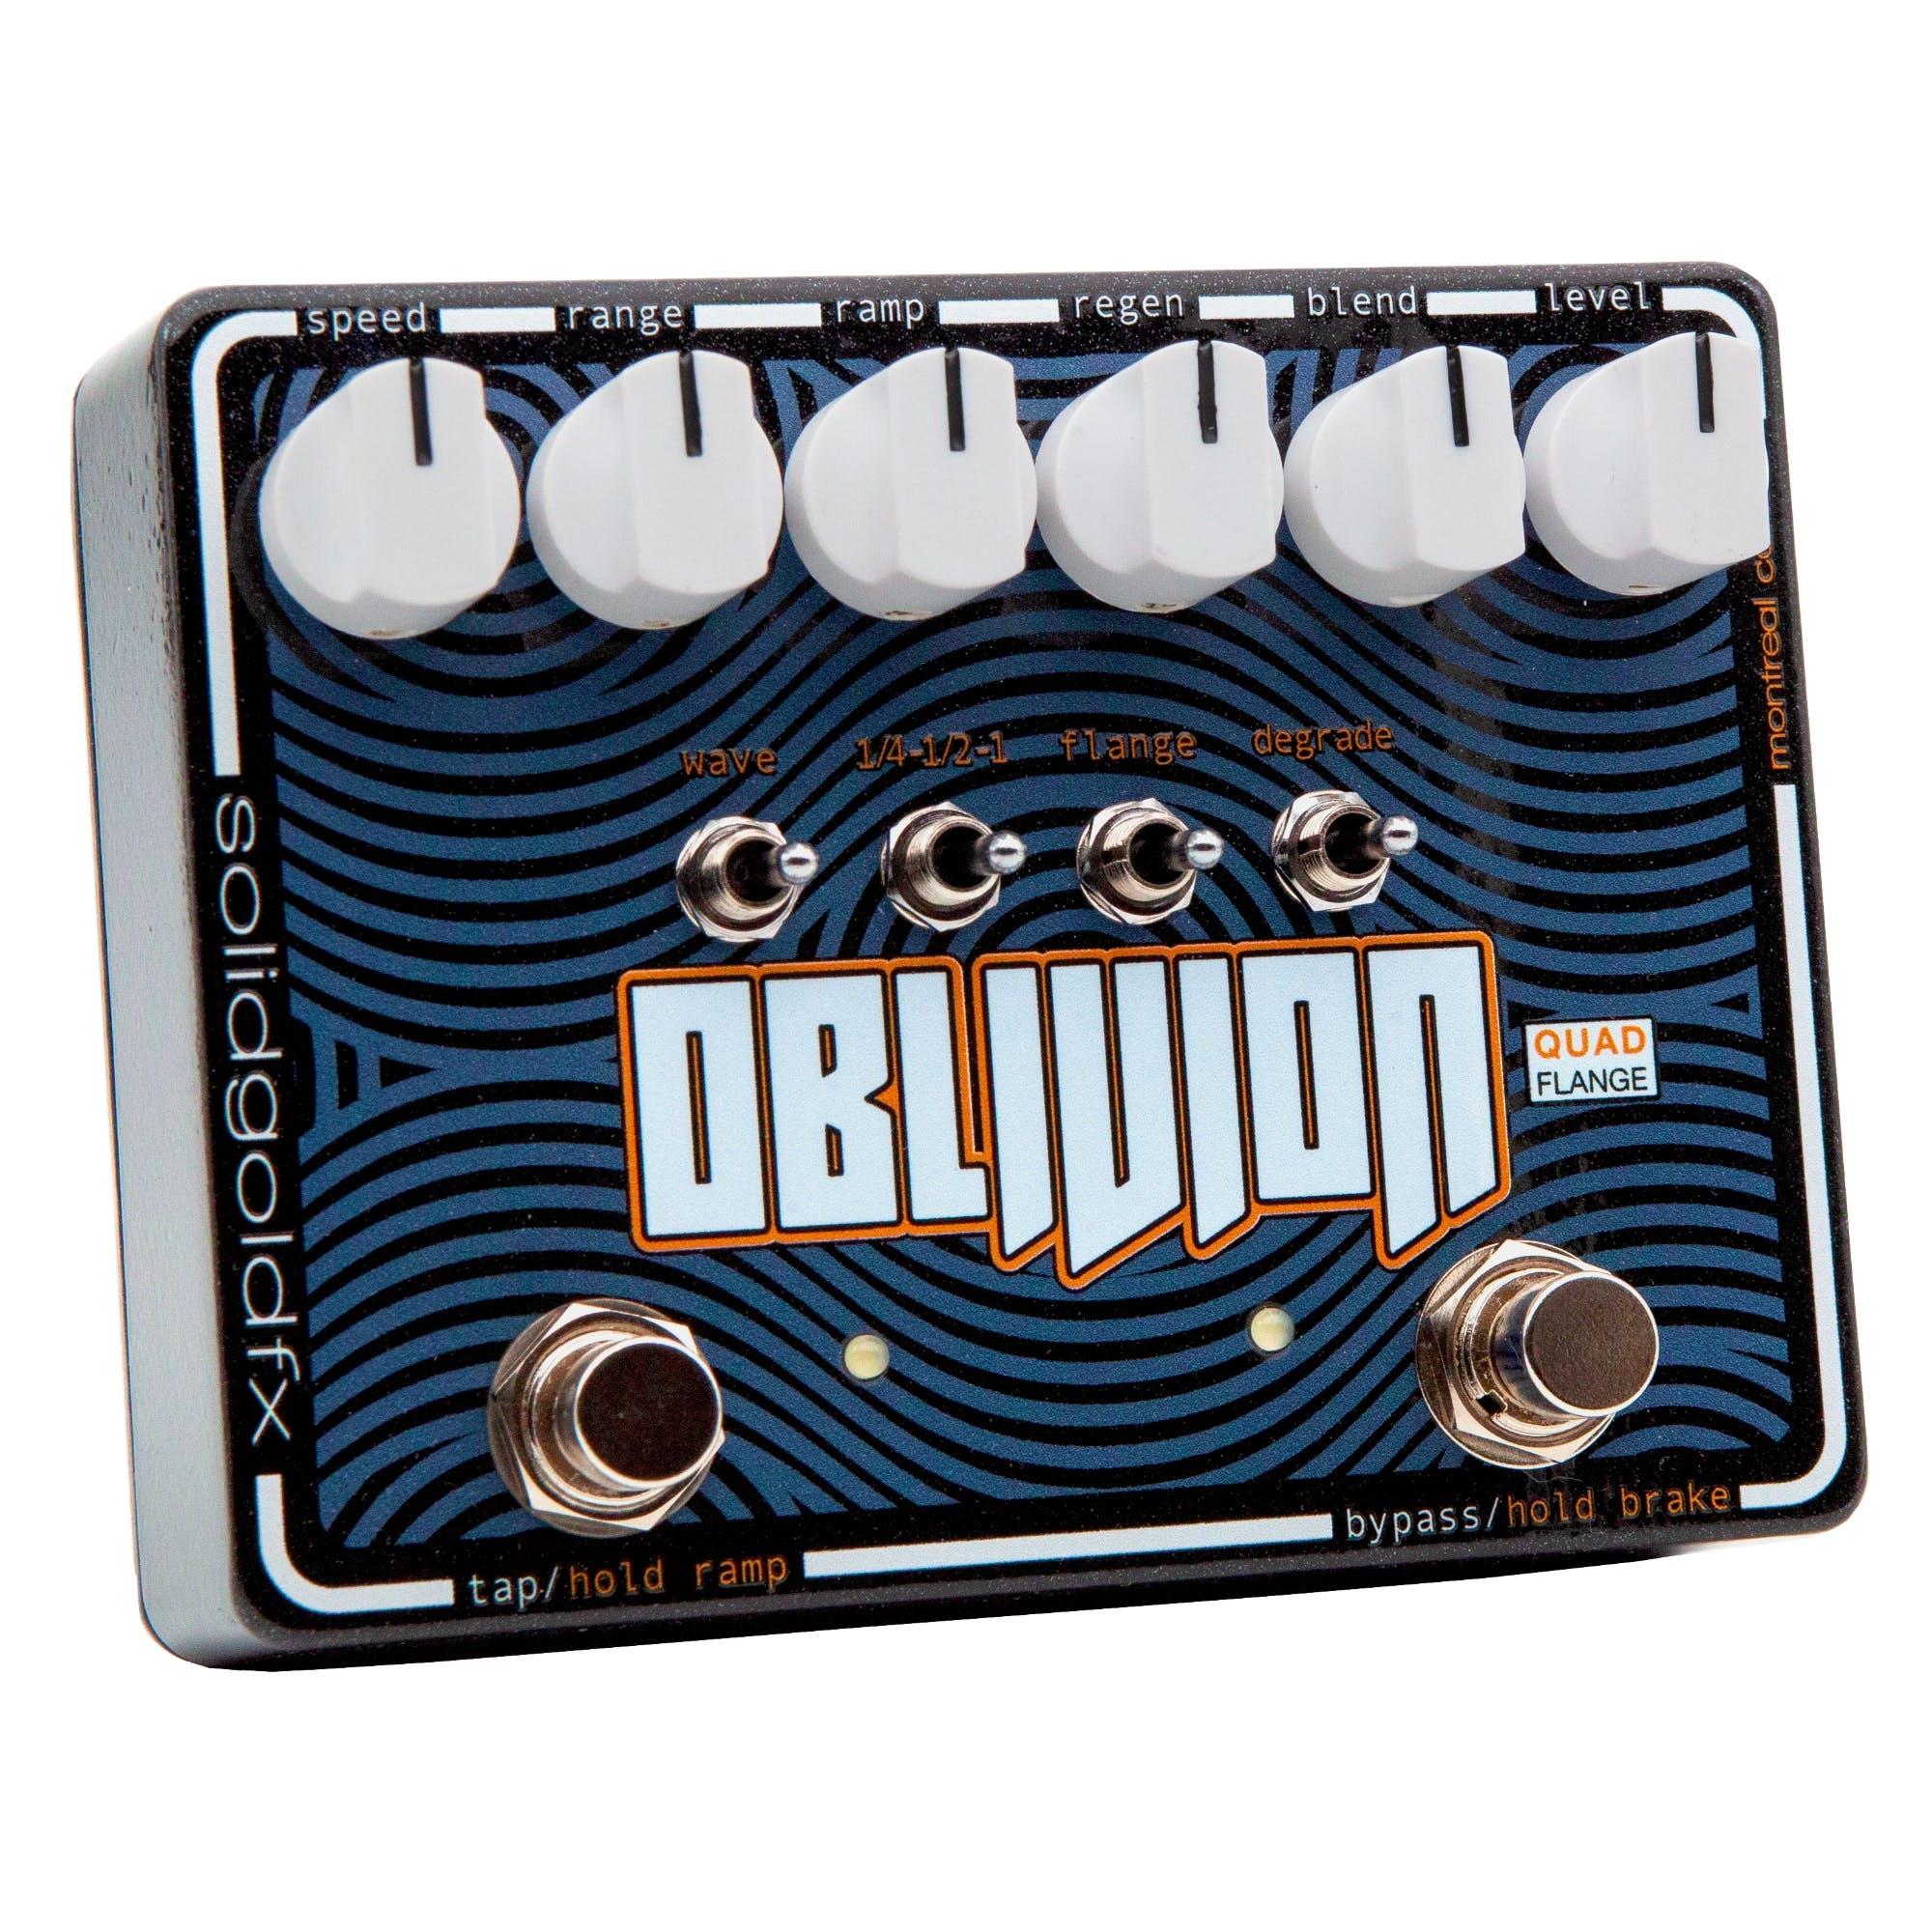 SOLIDGOLDFX-Oblivion-NEW-sku-160009310215519